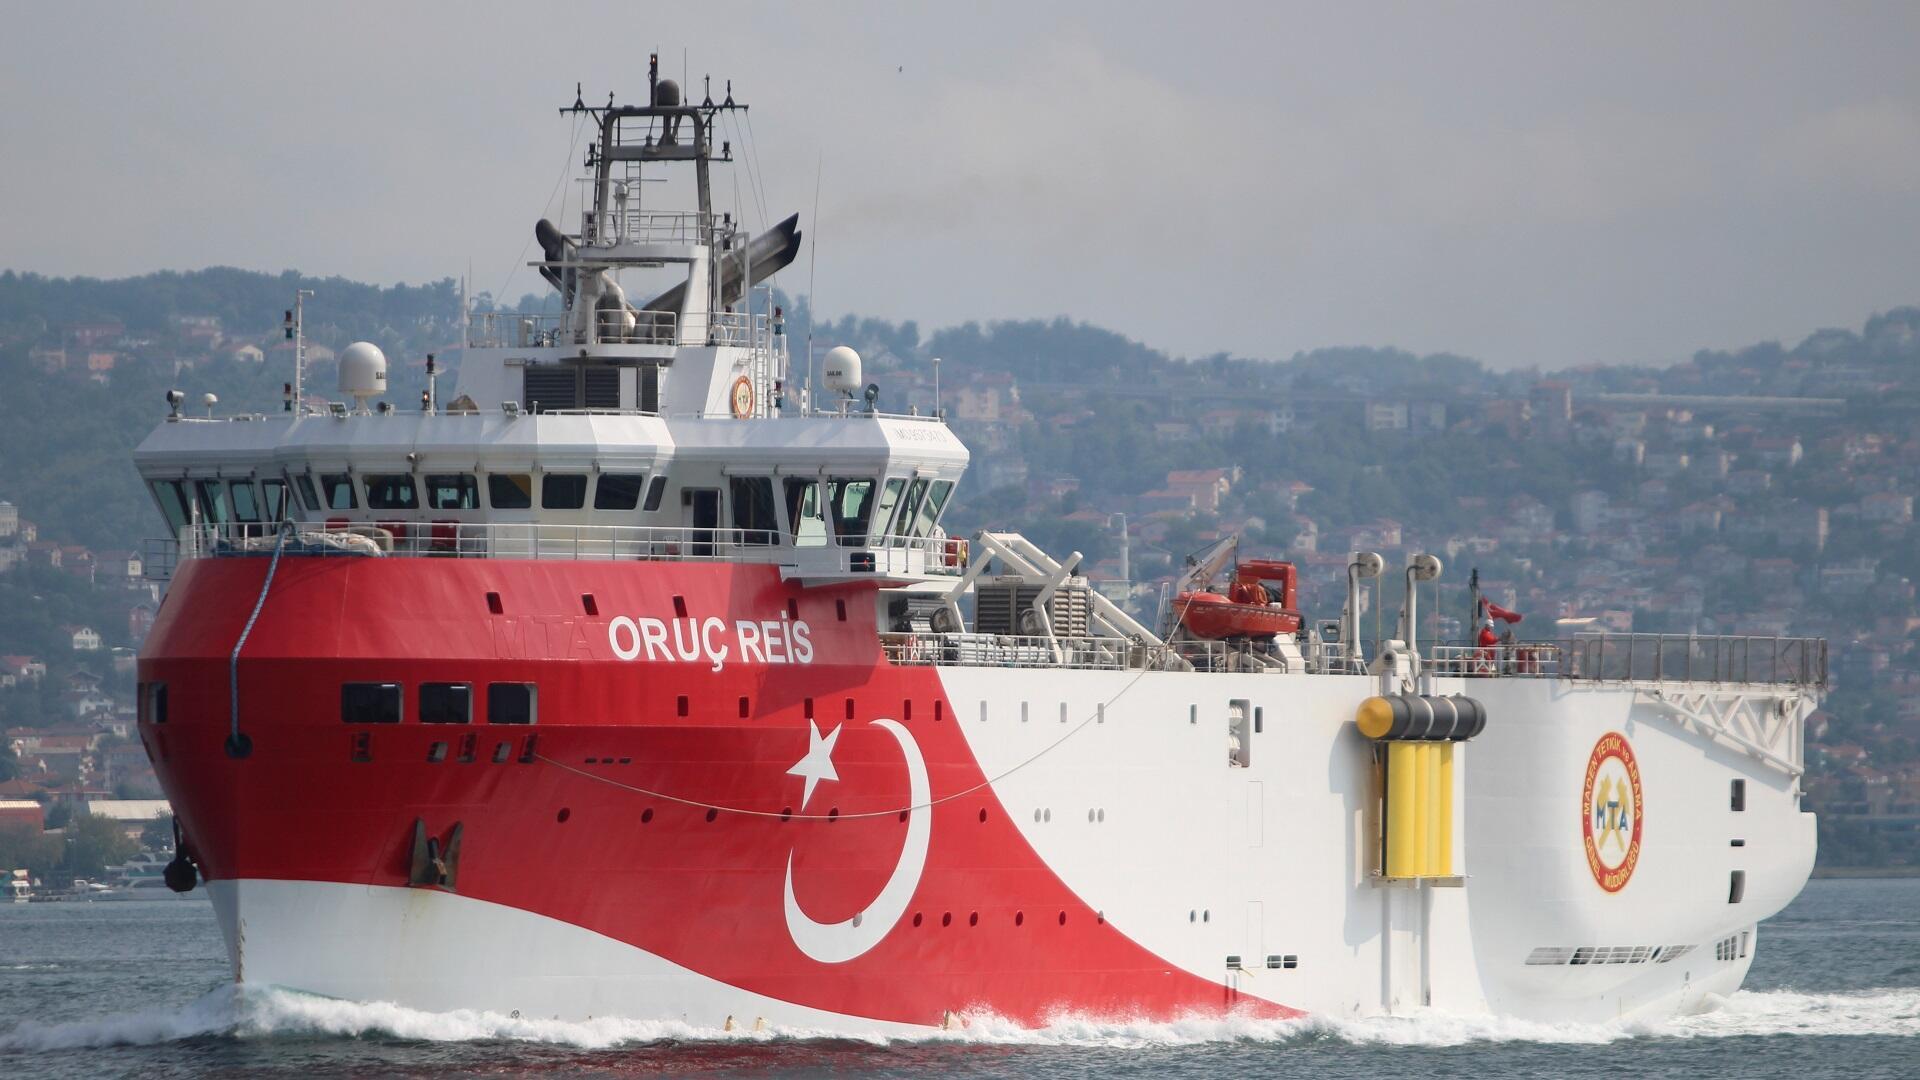 سفينة المسح الزلزالي التركية عروج ريس تبحر عبر مضيق البوسفور، 3 أكتوبر/تشرين الأول 2018.